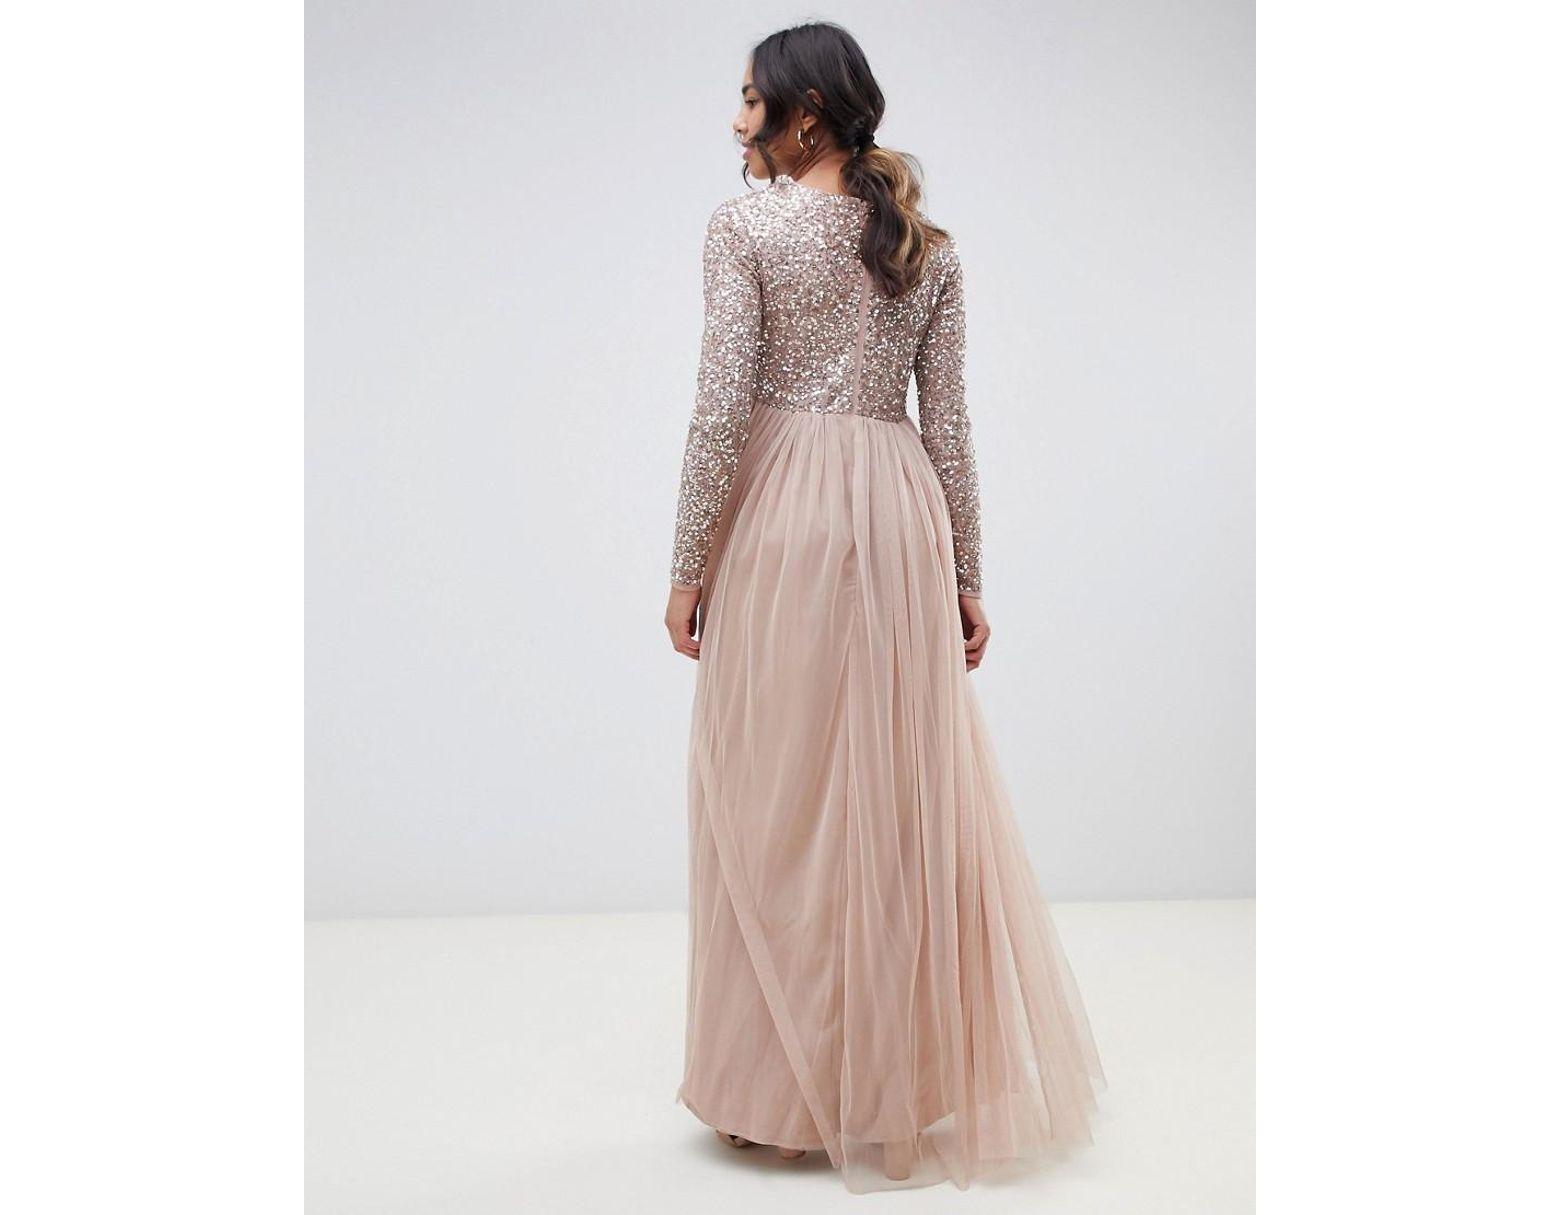 04142318d Vestido largo de manga larga de dama de honor con delicada falda de tul y  lentejuelas en rosado topo de mujer de color marrón